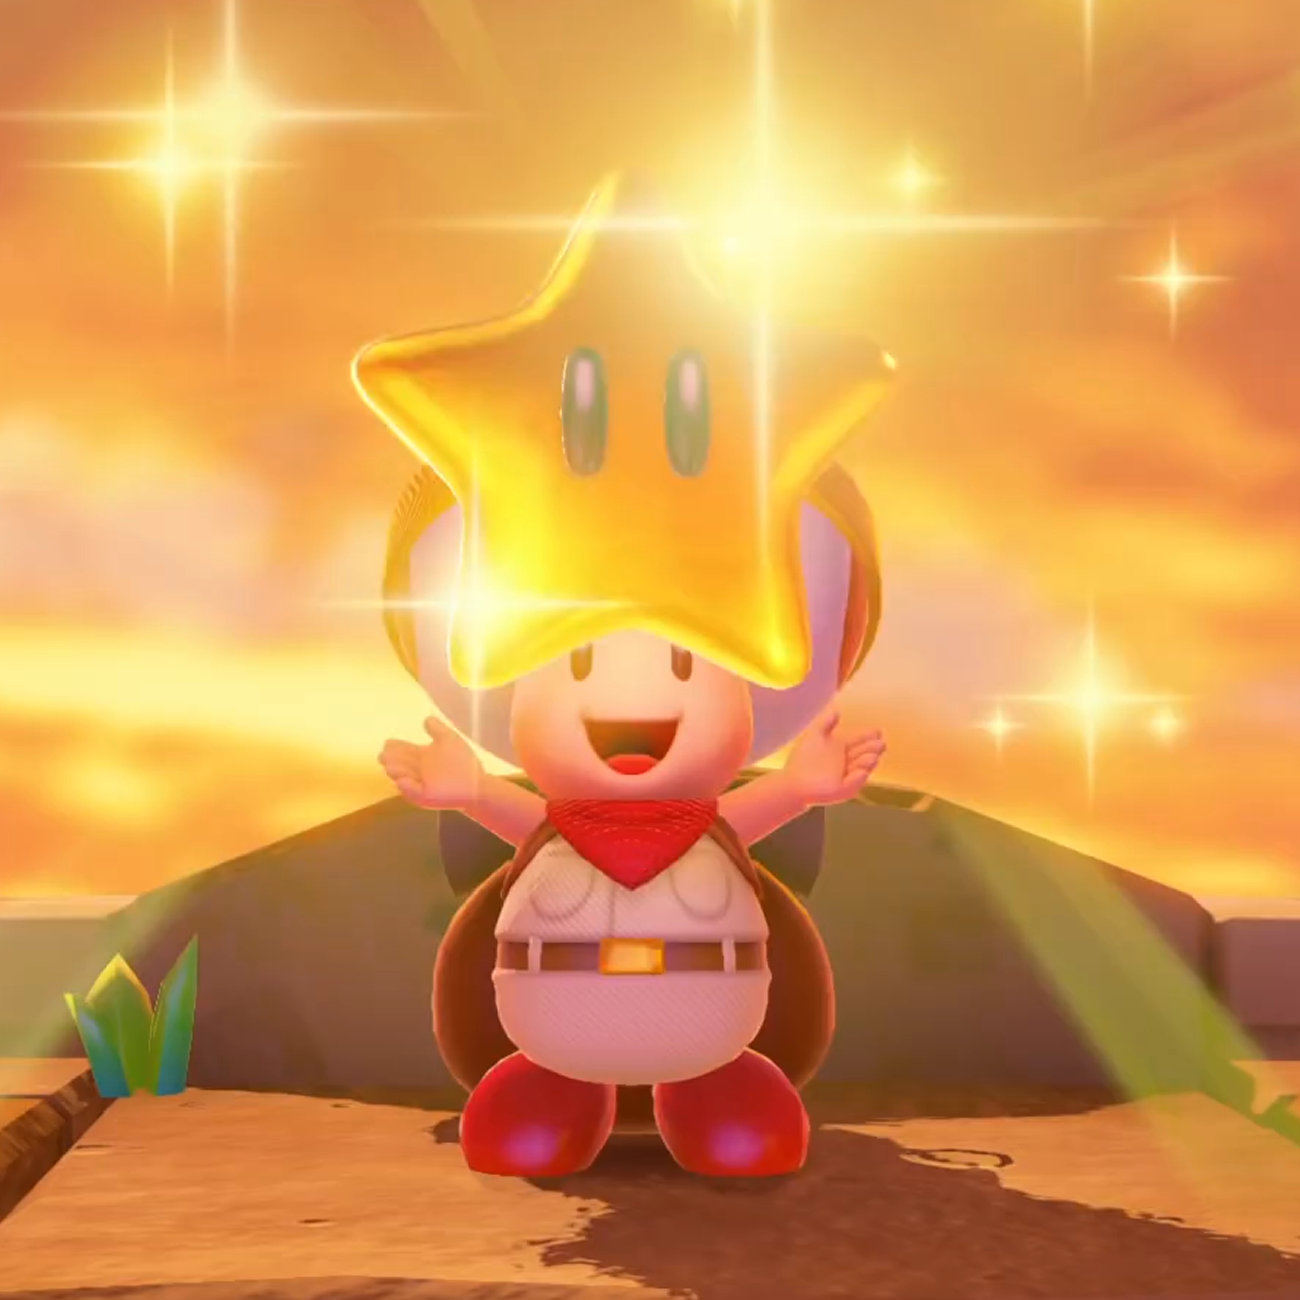 キノピオ隊長、スーパーマリオ 3Dワールドのコース